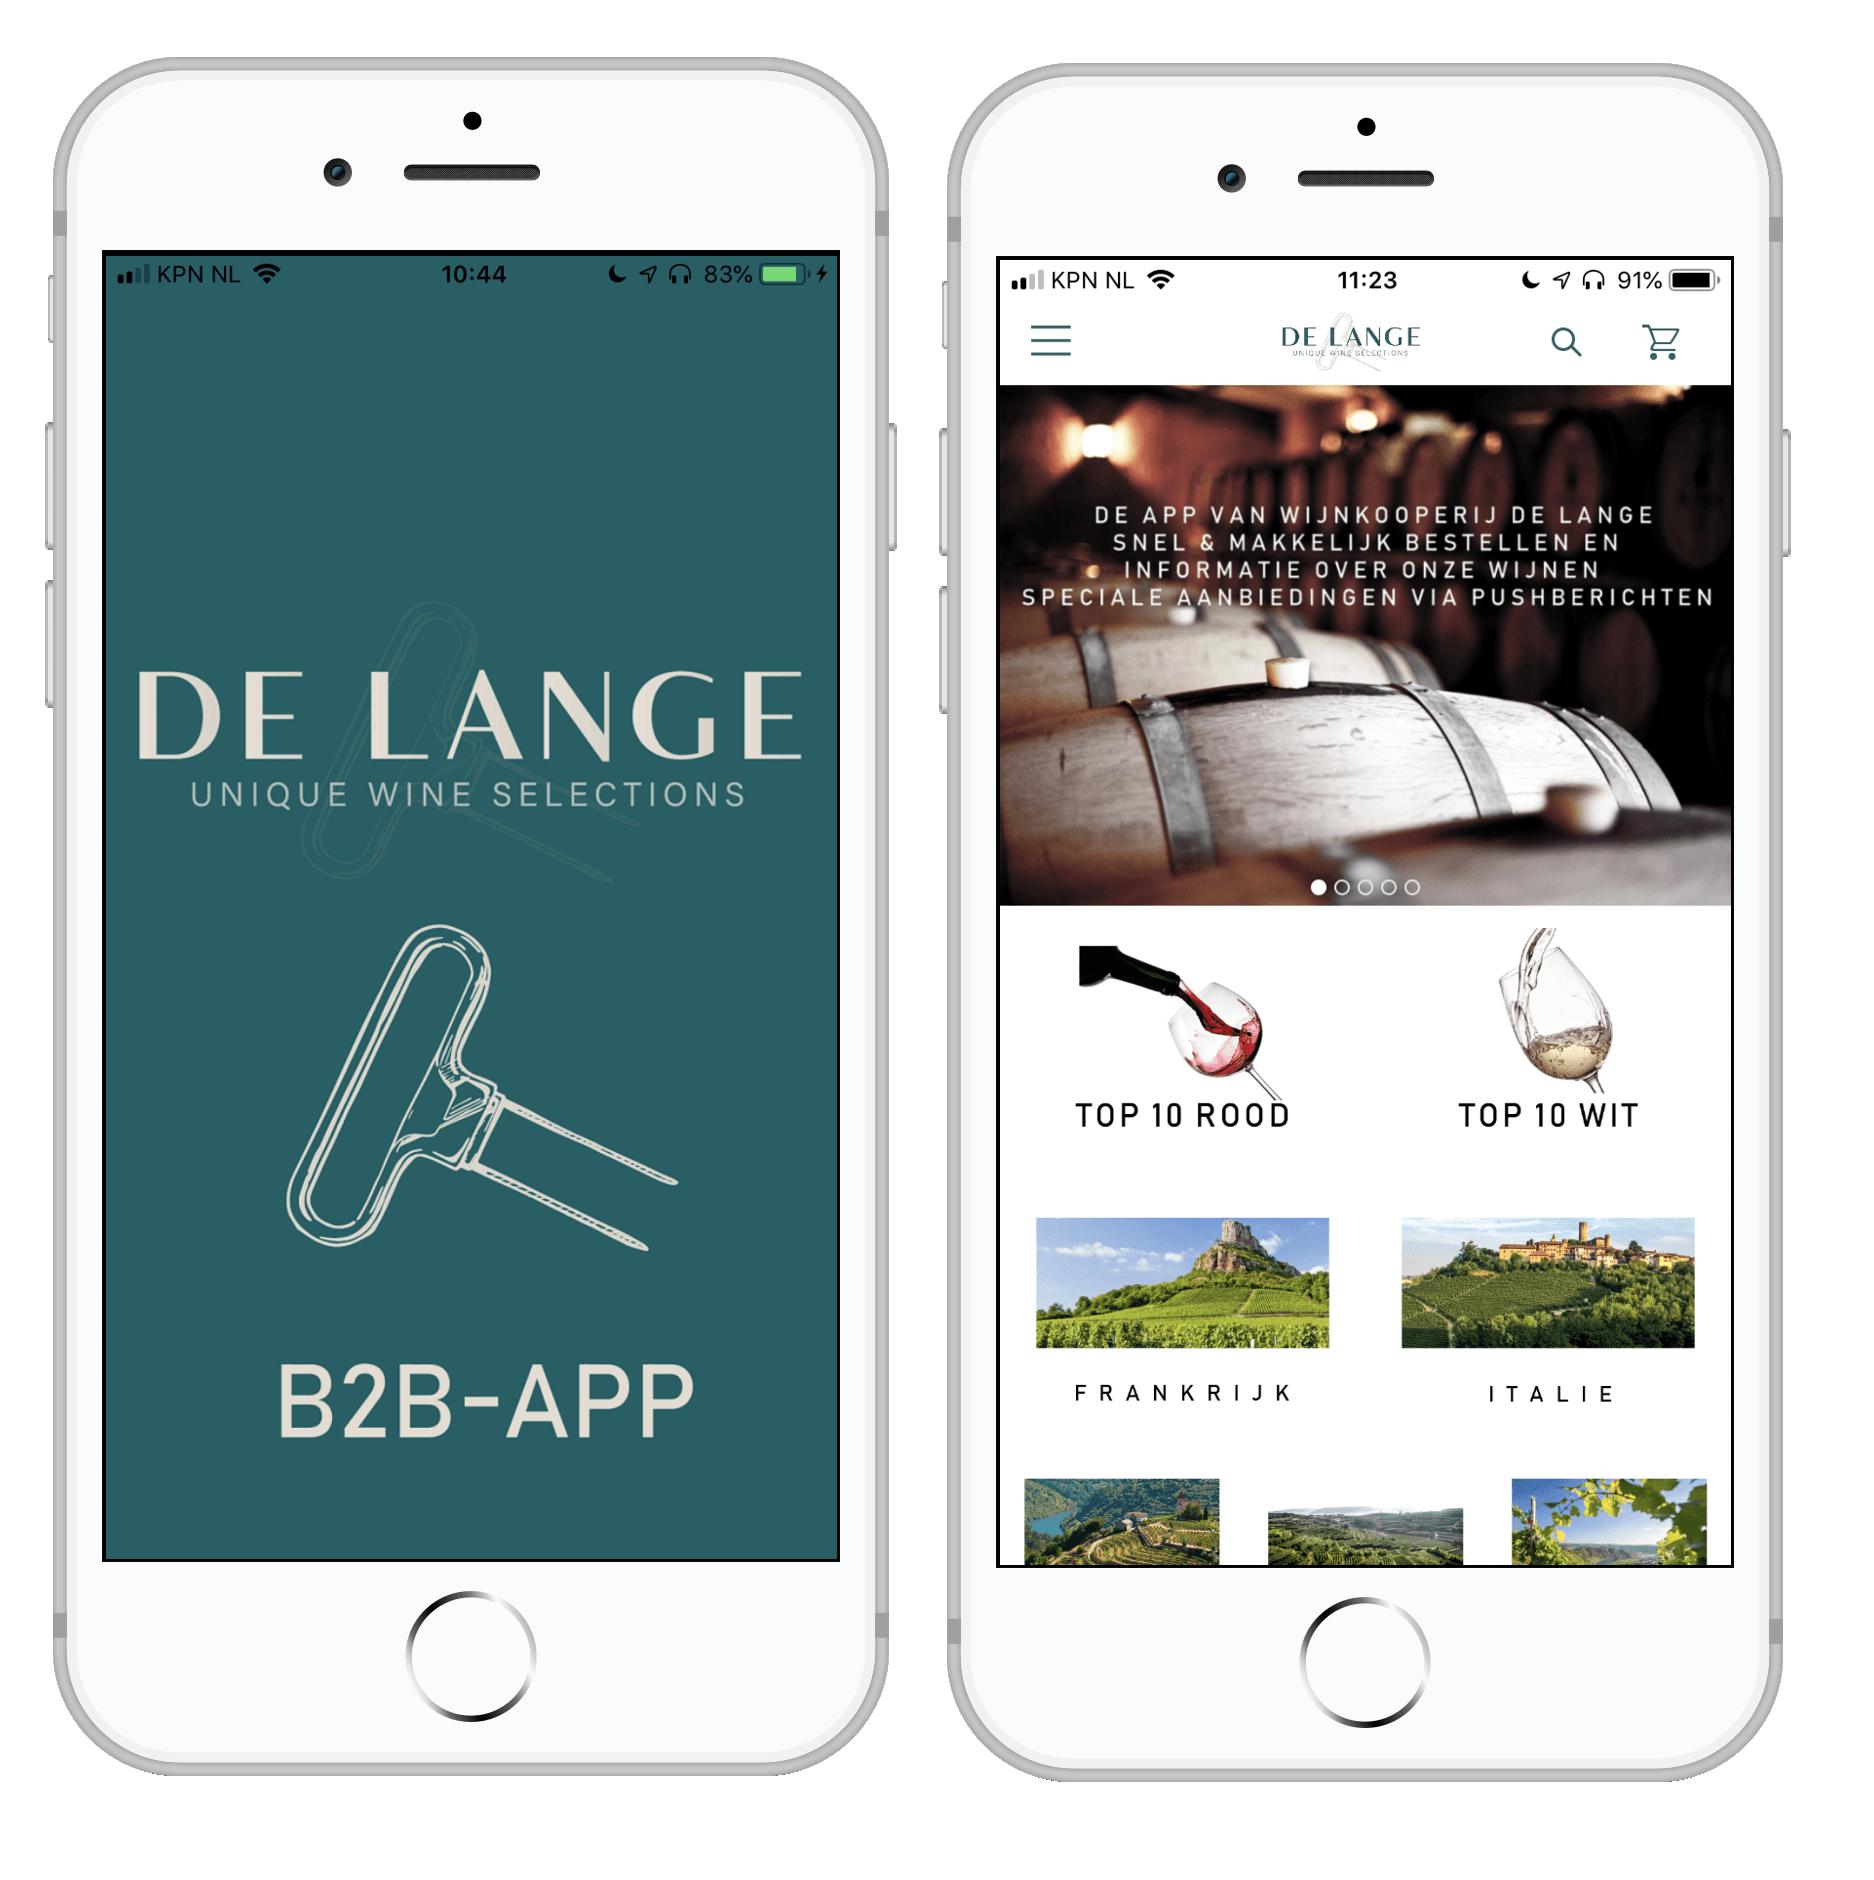 Wijnkoperij de lange app